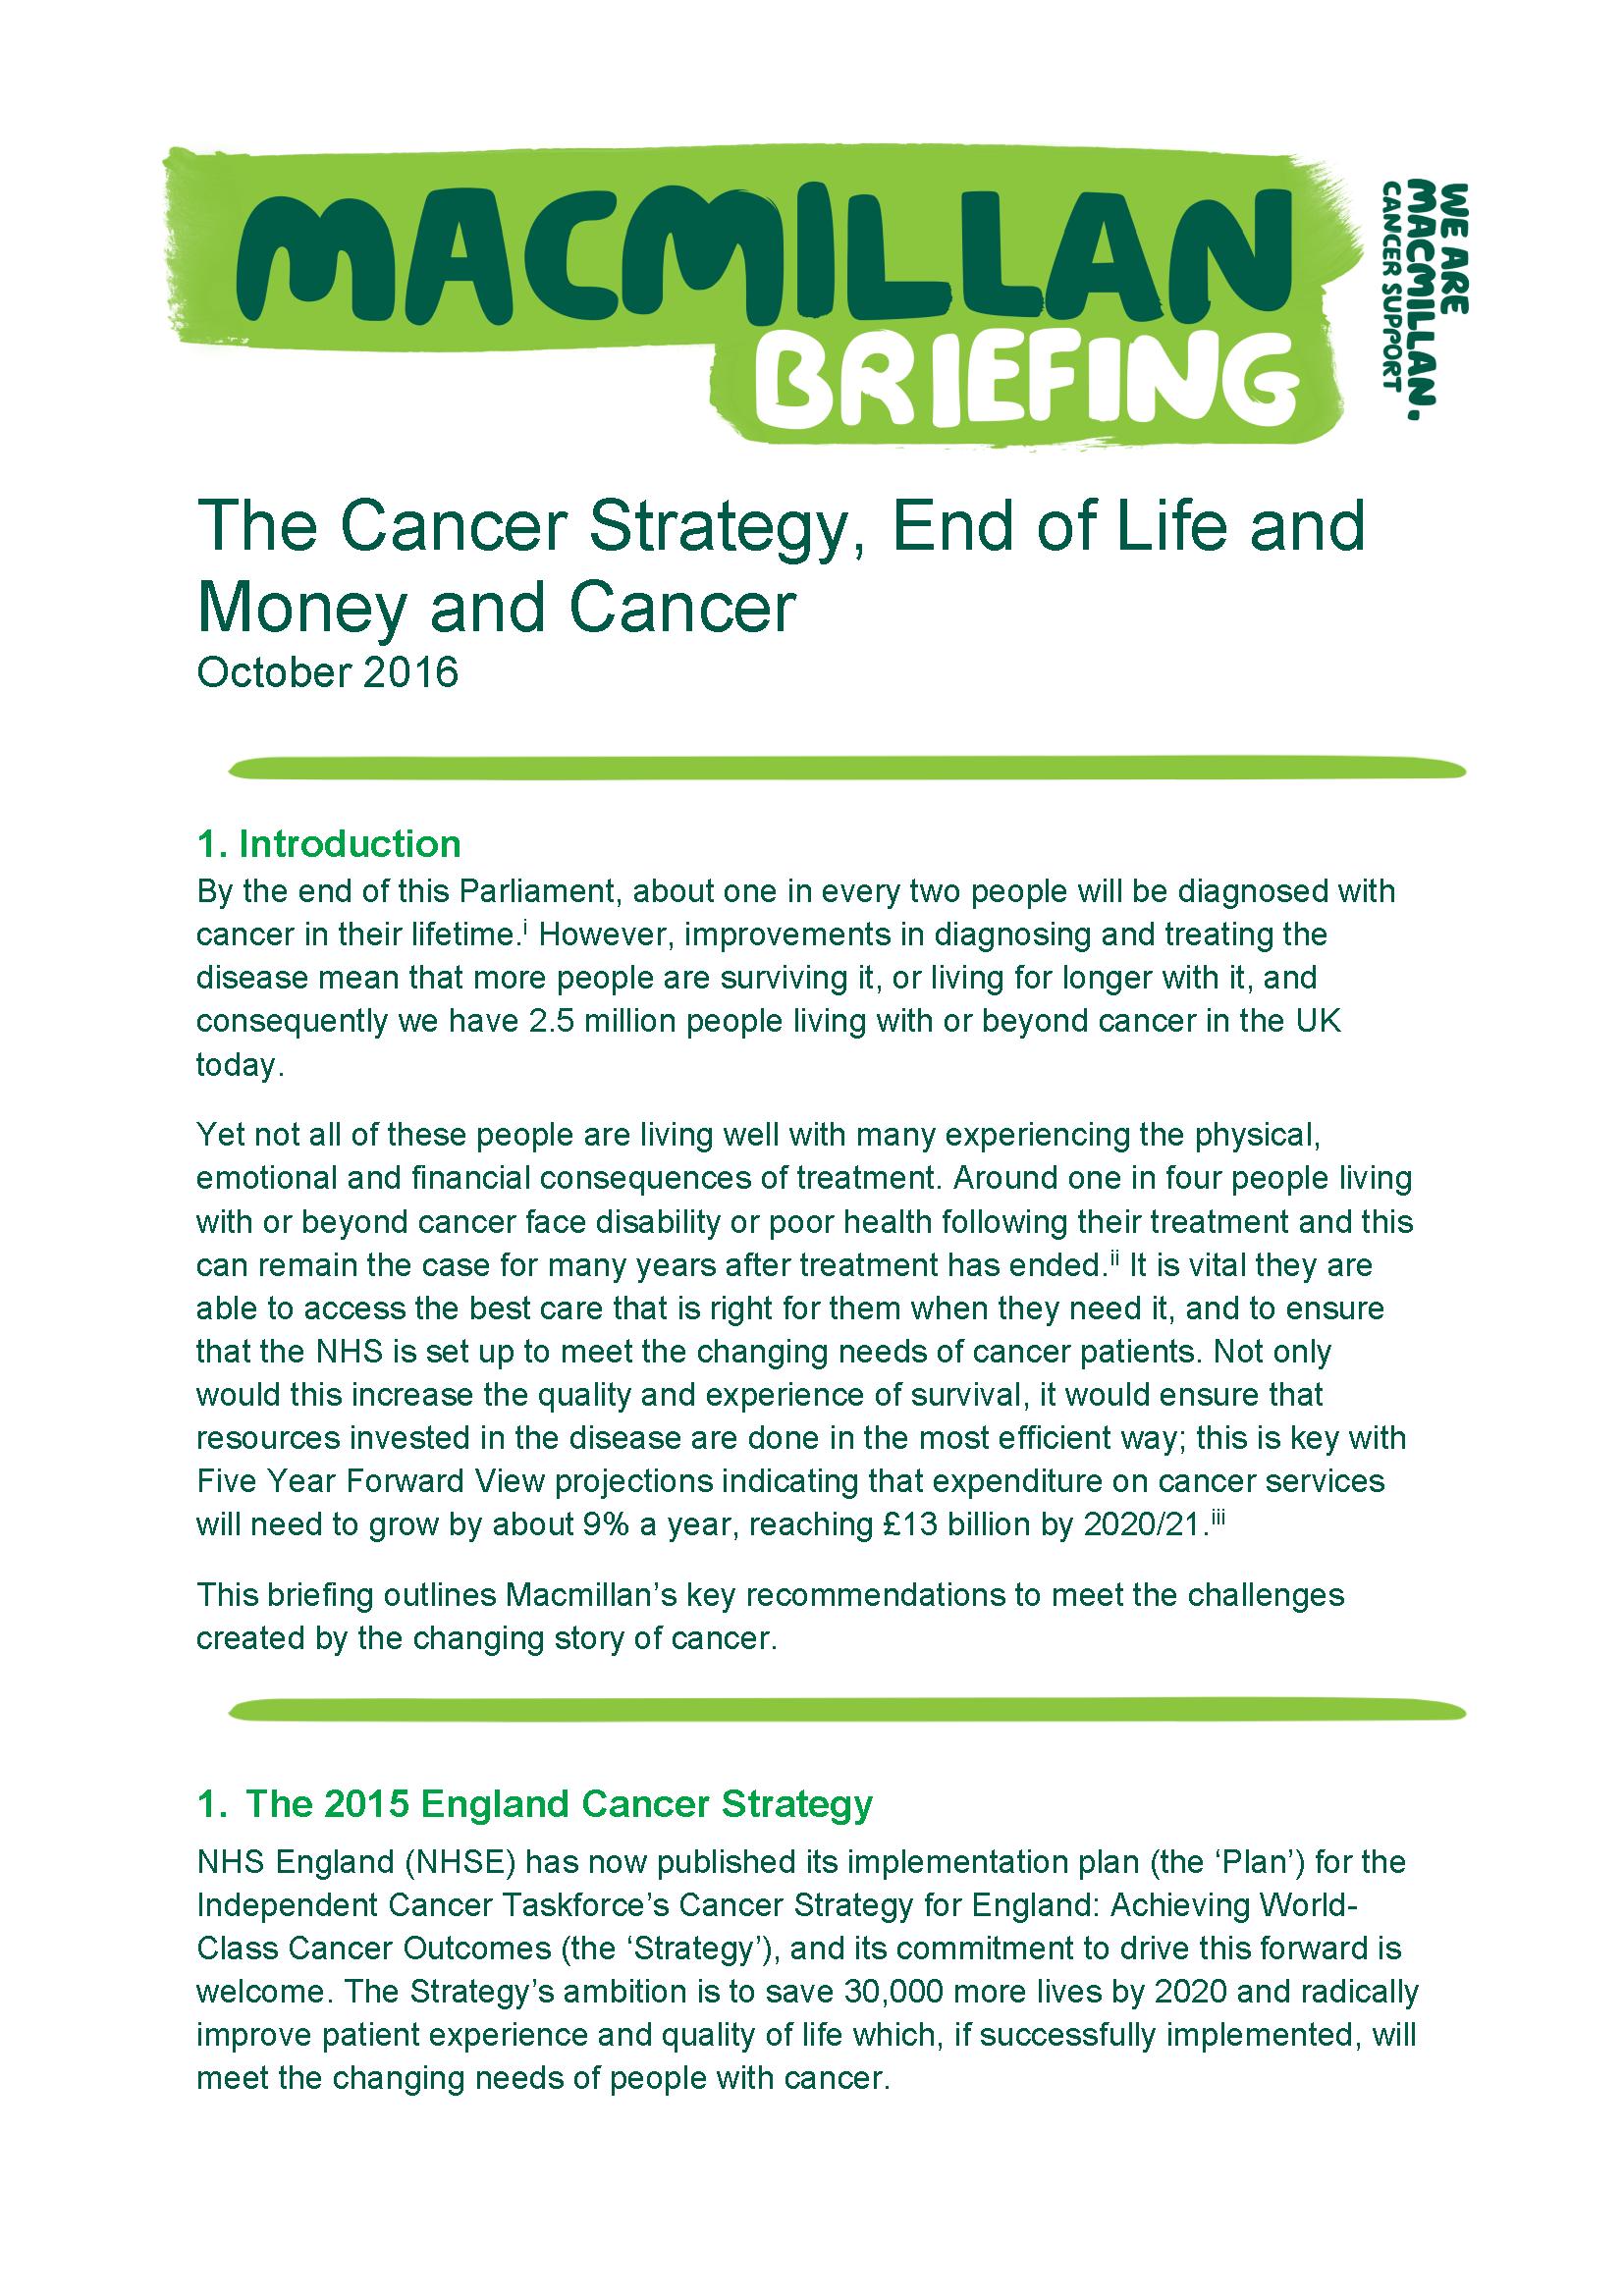 macmillan-briefing-october-2016_page_1